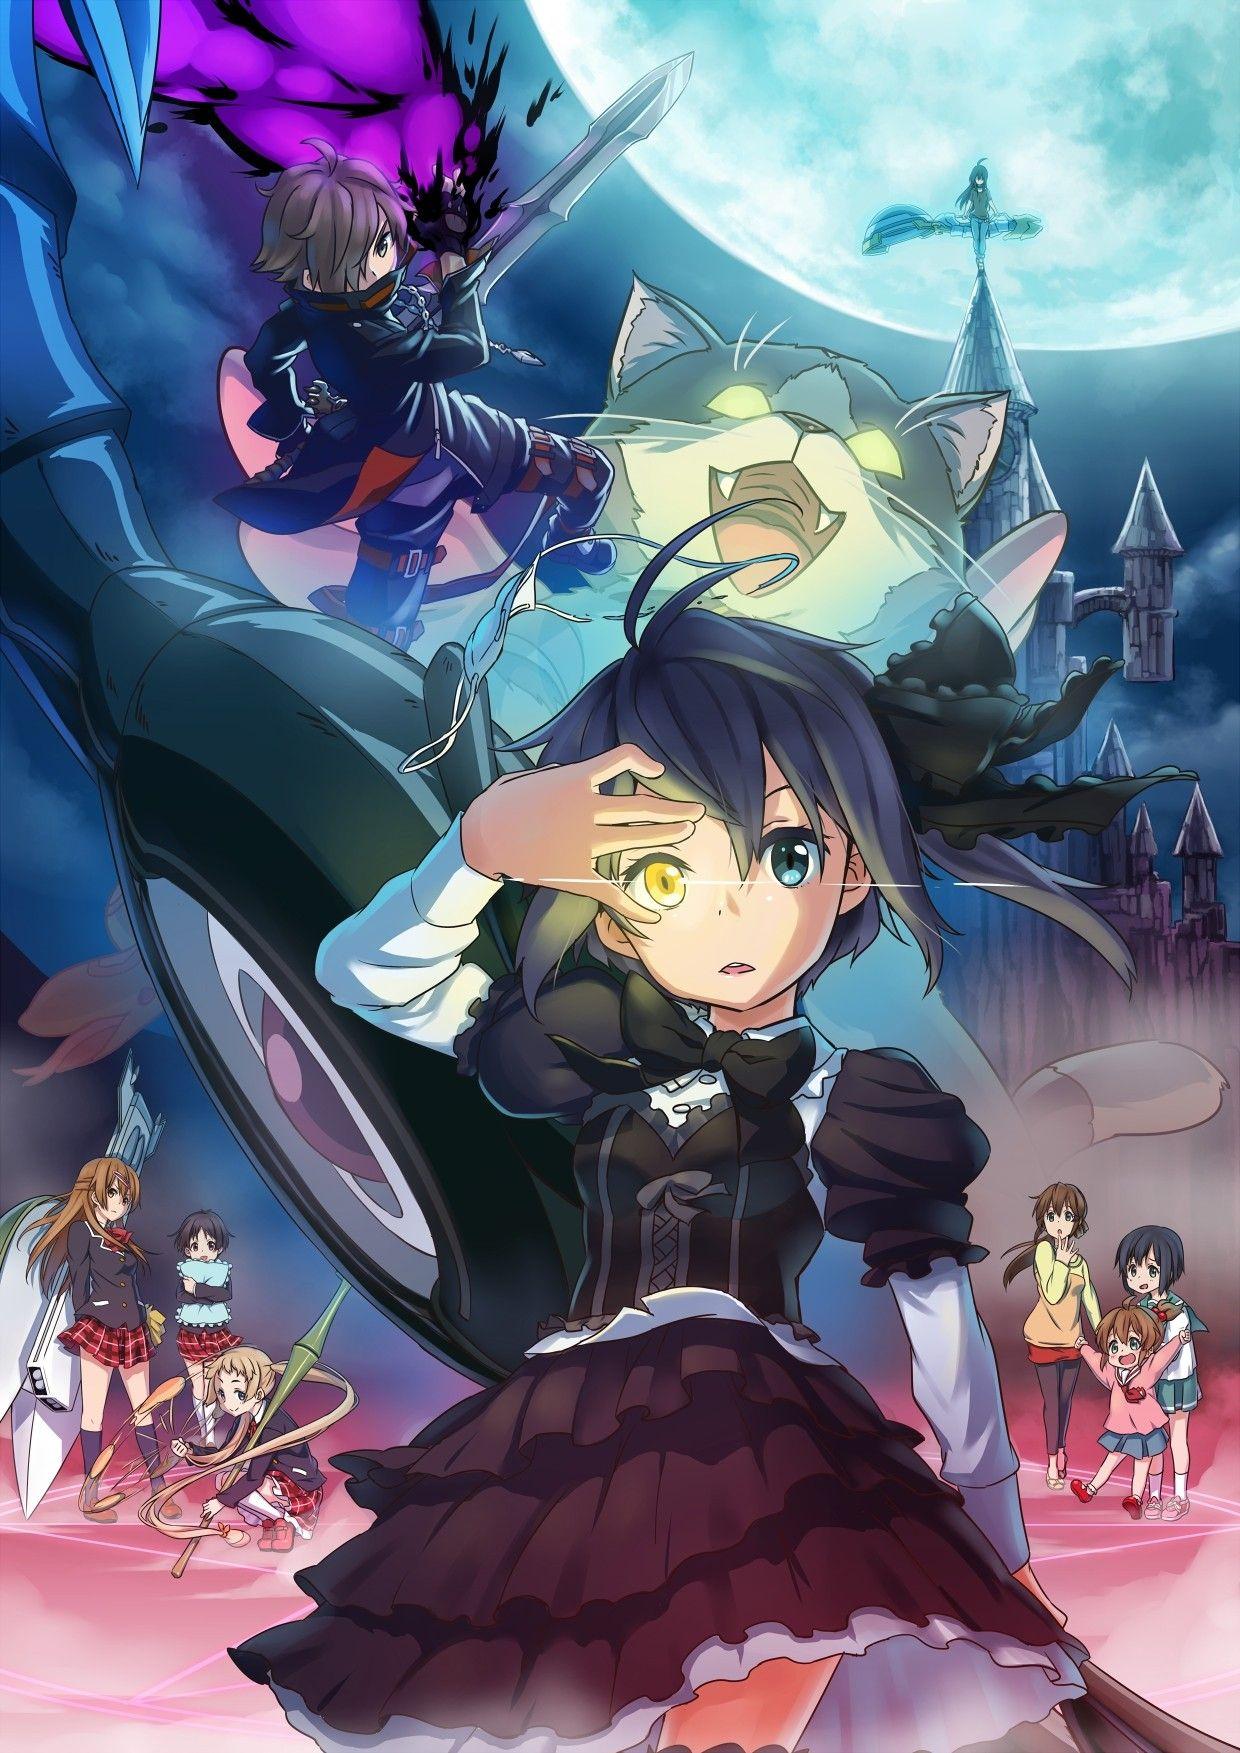 Chuunibyou Demo Koi Ga Shitai Episodio 9 Online - Animes ...